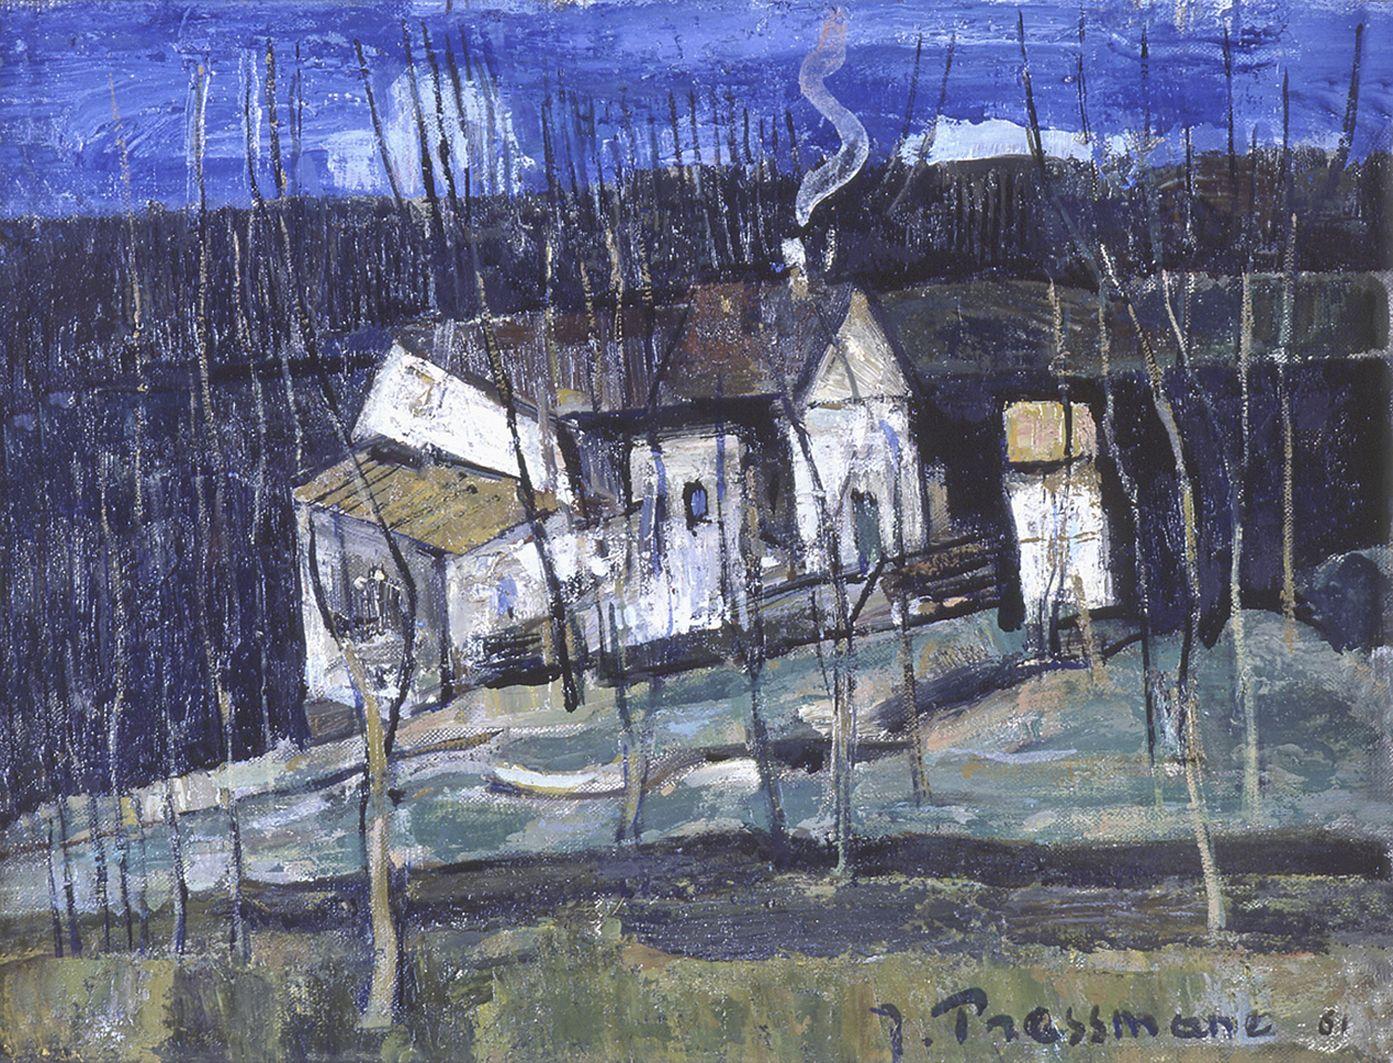 Жозеф Прессман. Ліс в Вільє-ле-Бель, 1961; олія, полотно